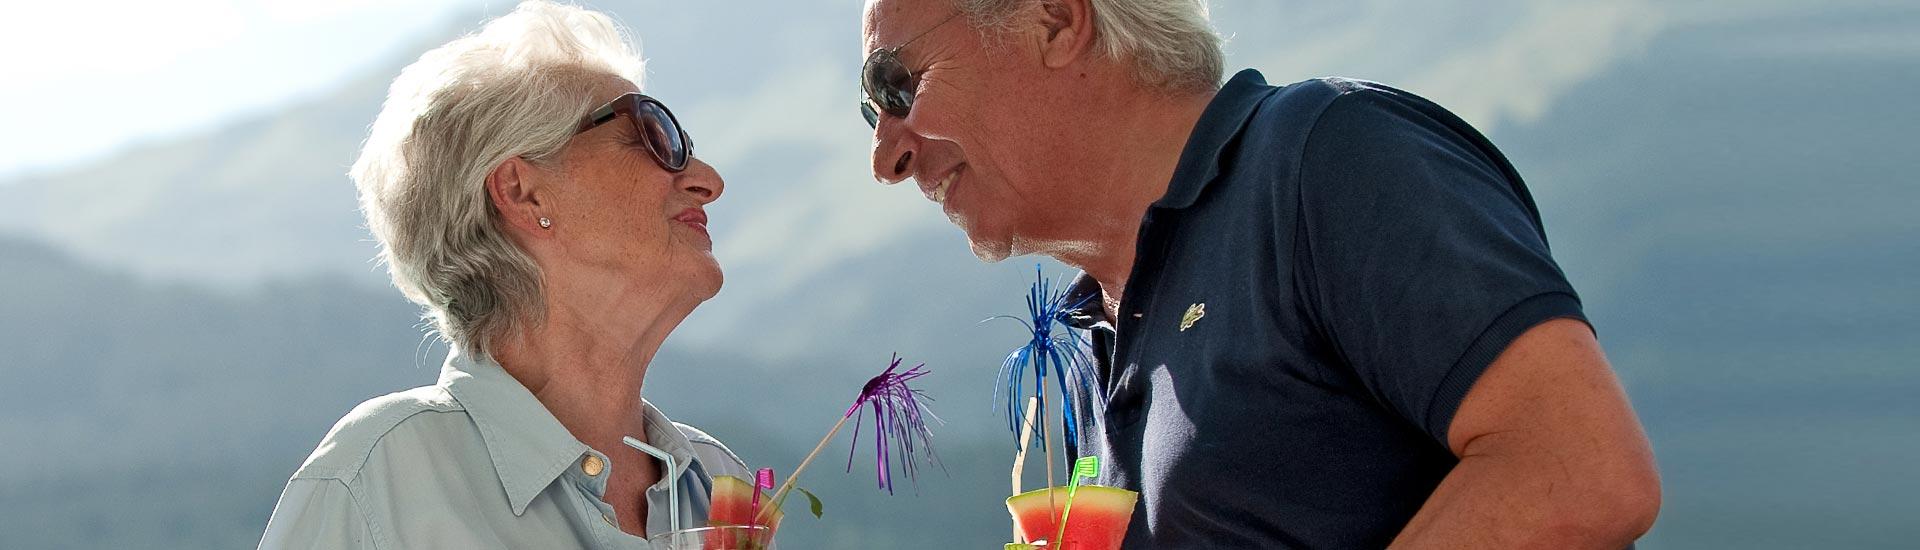 Erleben Sie einen Kuraufenthalt mit Partner im Salzburger Land